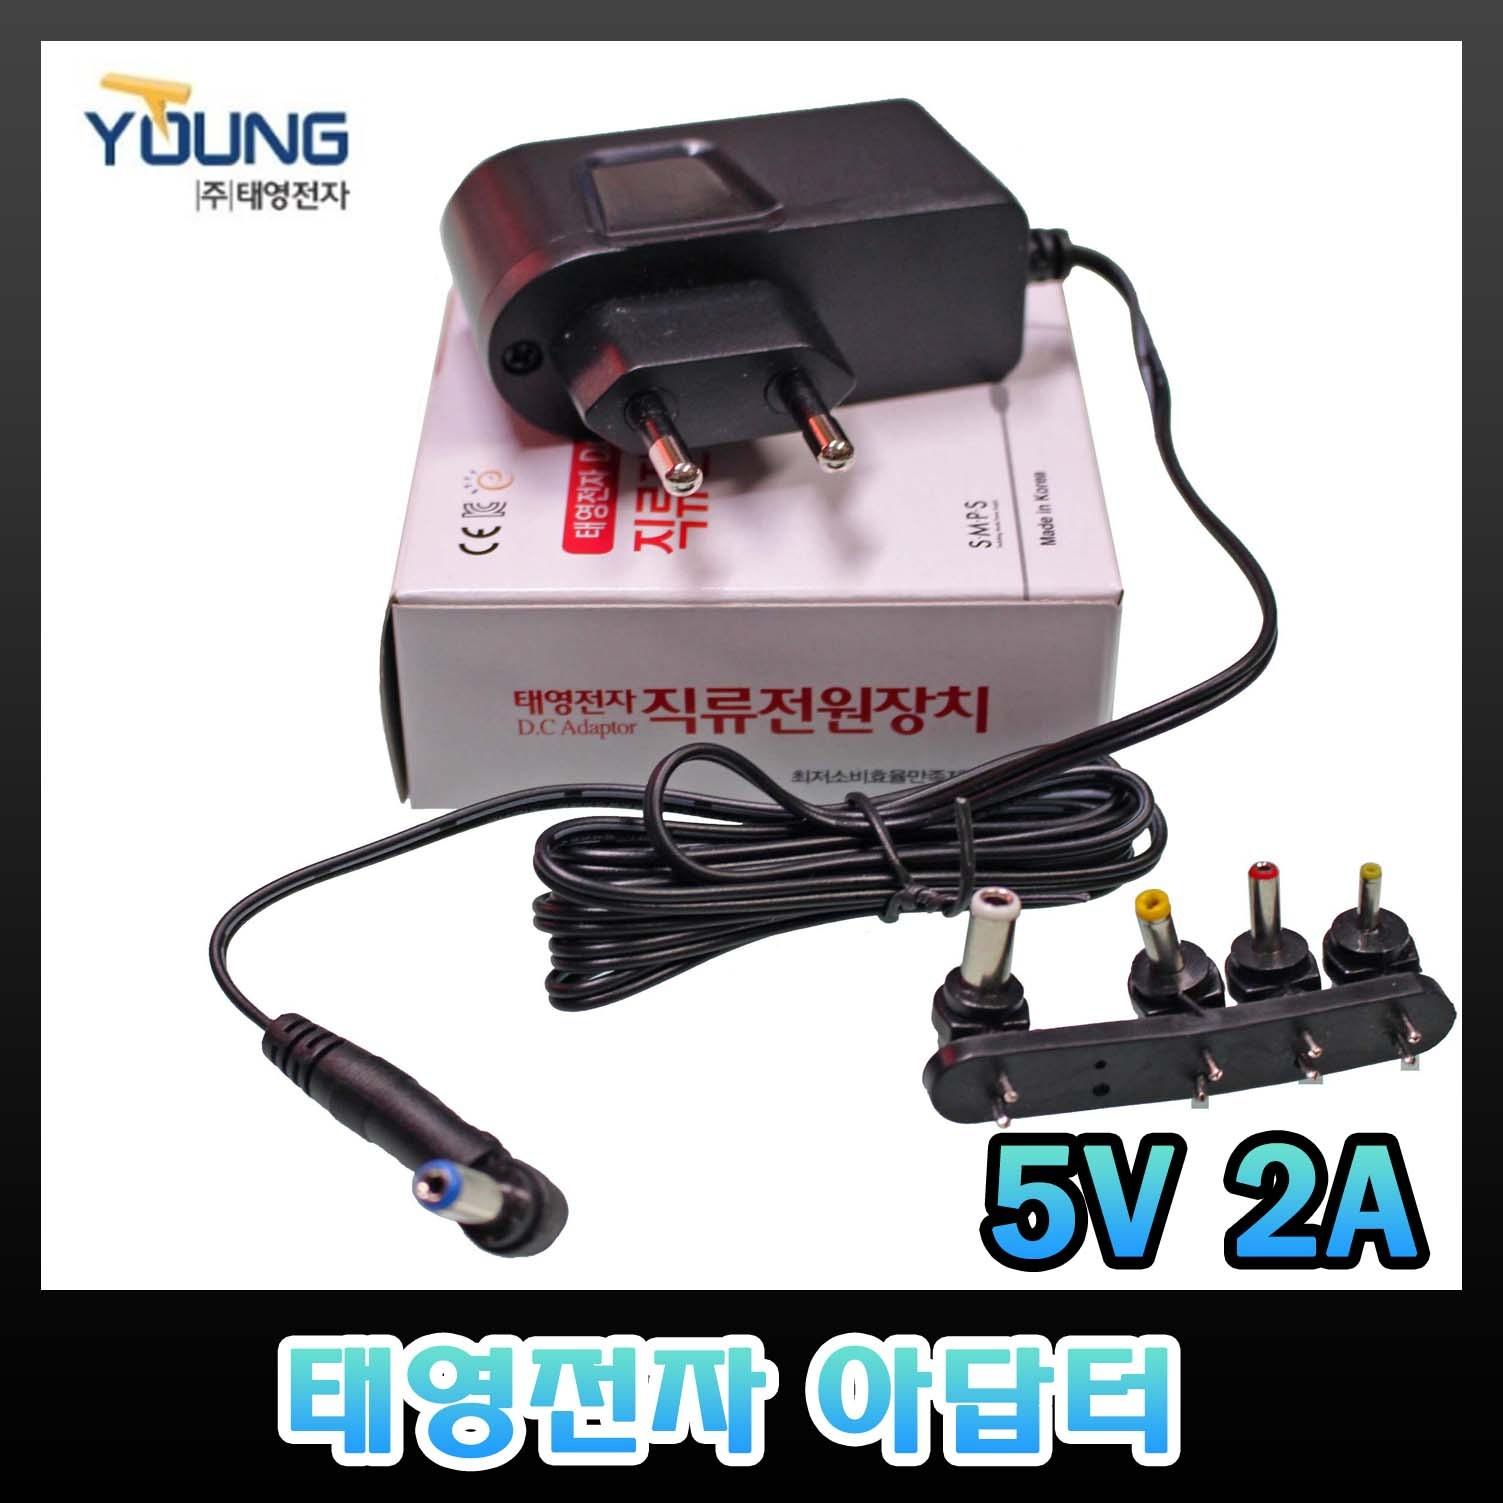 태영전자 5V 아답터 1A 2A 3A SMPS 코드형 벽꽂이형 전자식 직류전원장치, 1개, 5V2A(벽꽂이타입)